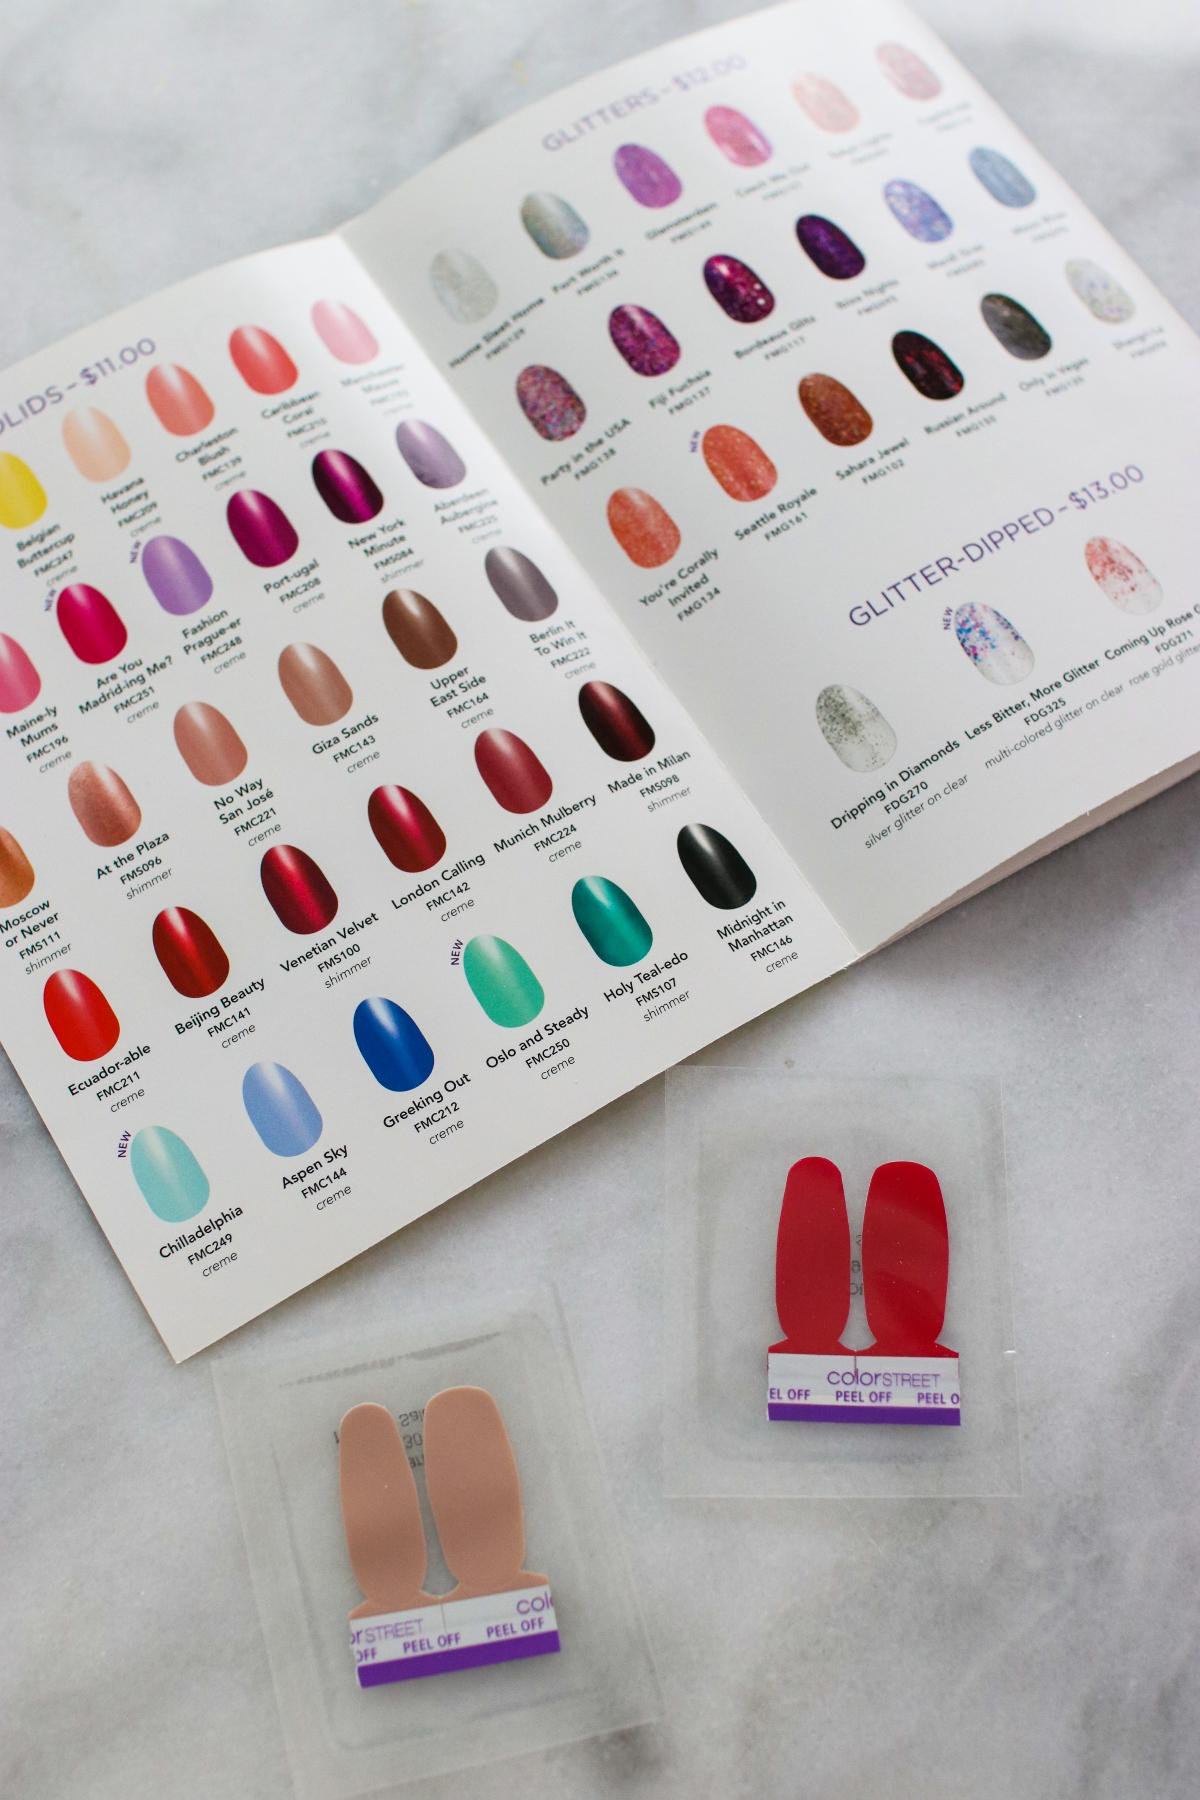 ColorStreet 100% Real Nail Polish Strips Catalog